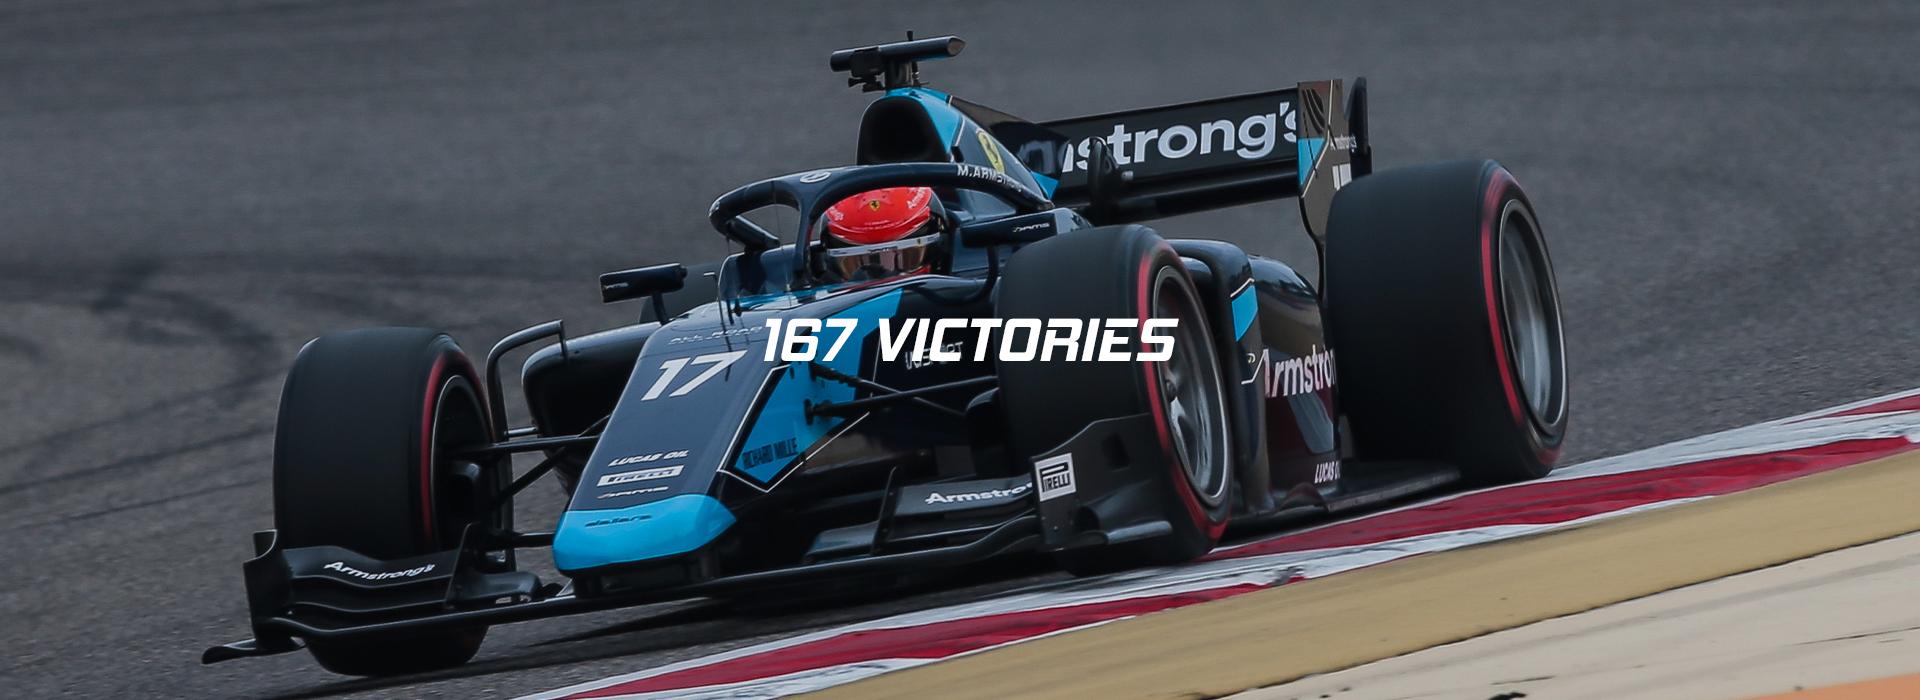 167 victories